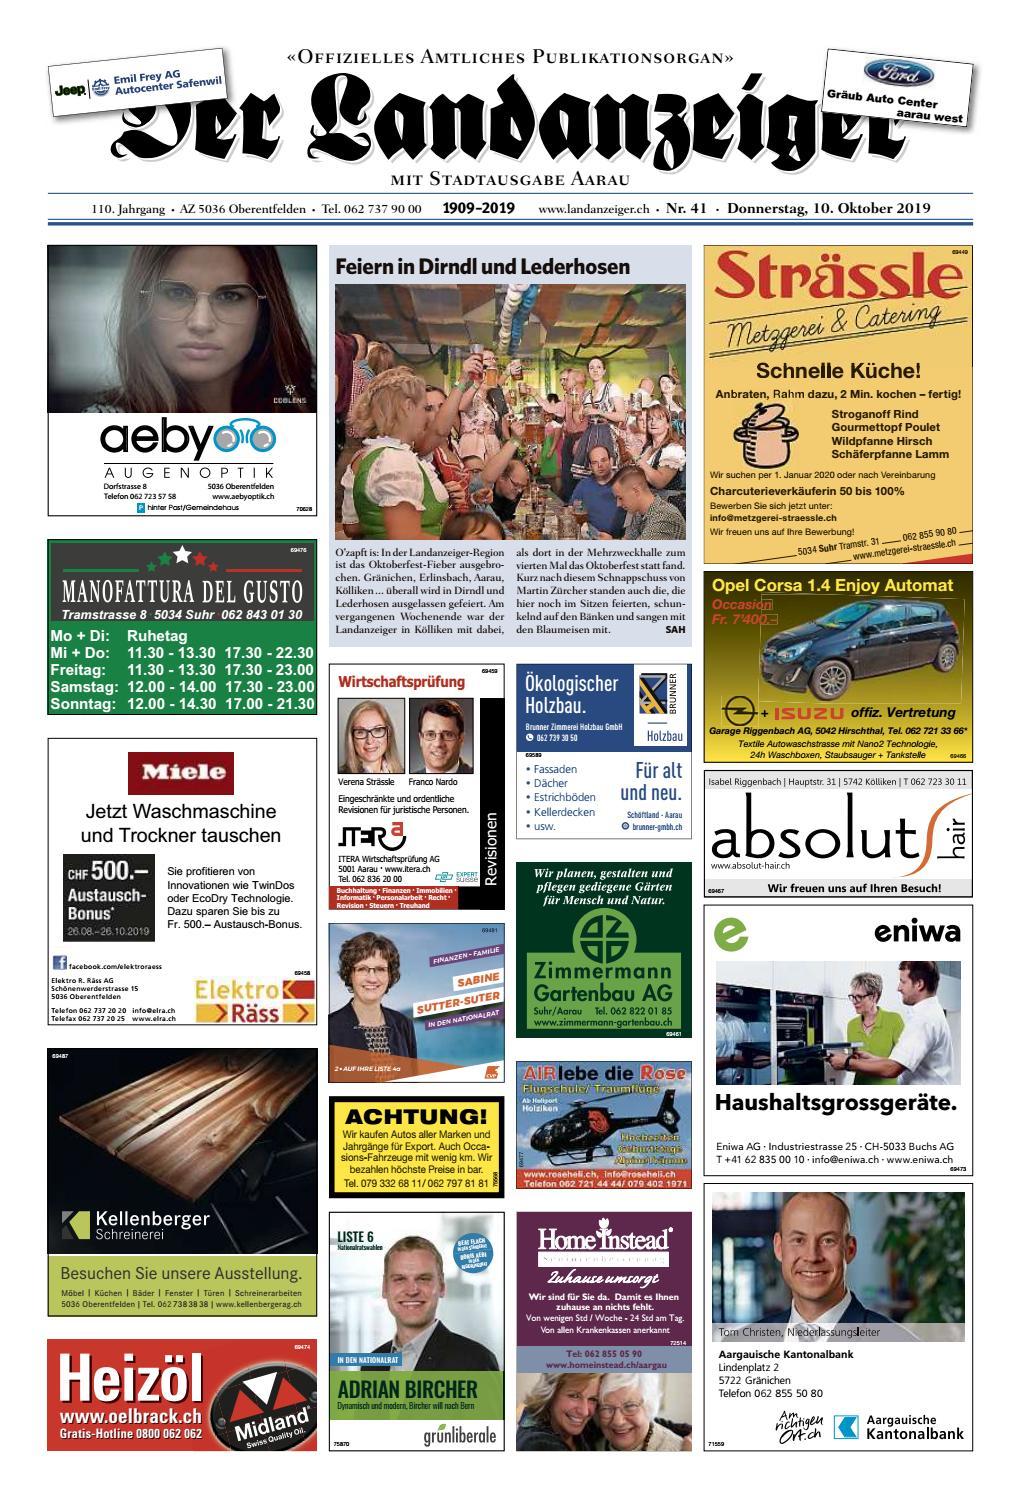 Der Landanzeiger 41 19 By Zt Medien Ag Issuu